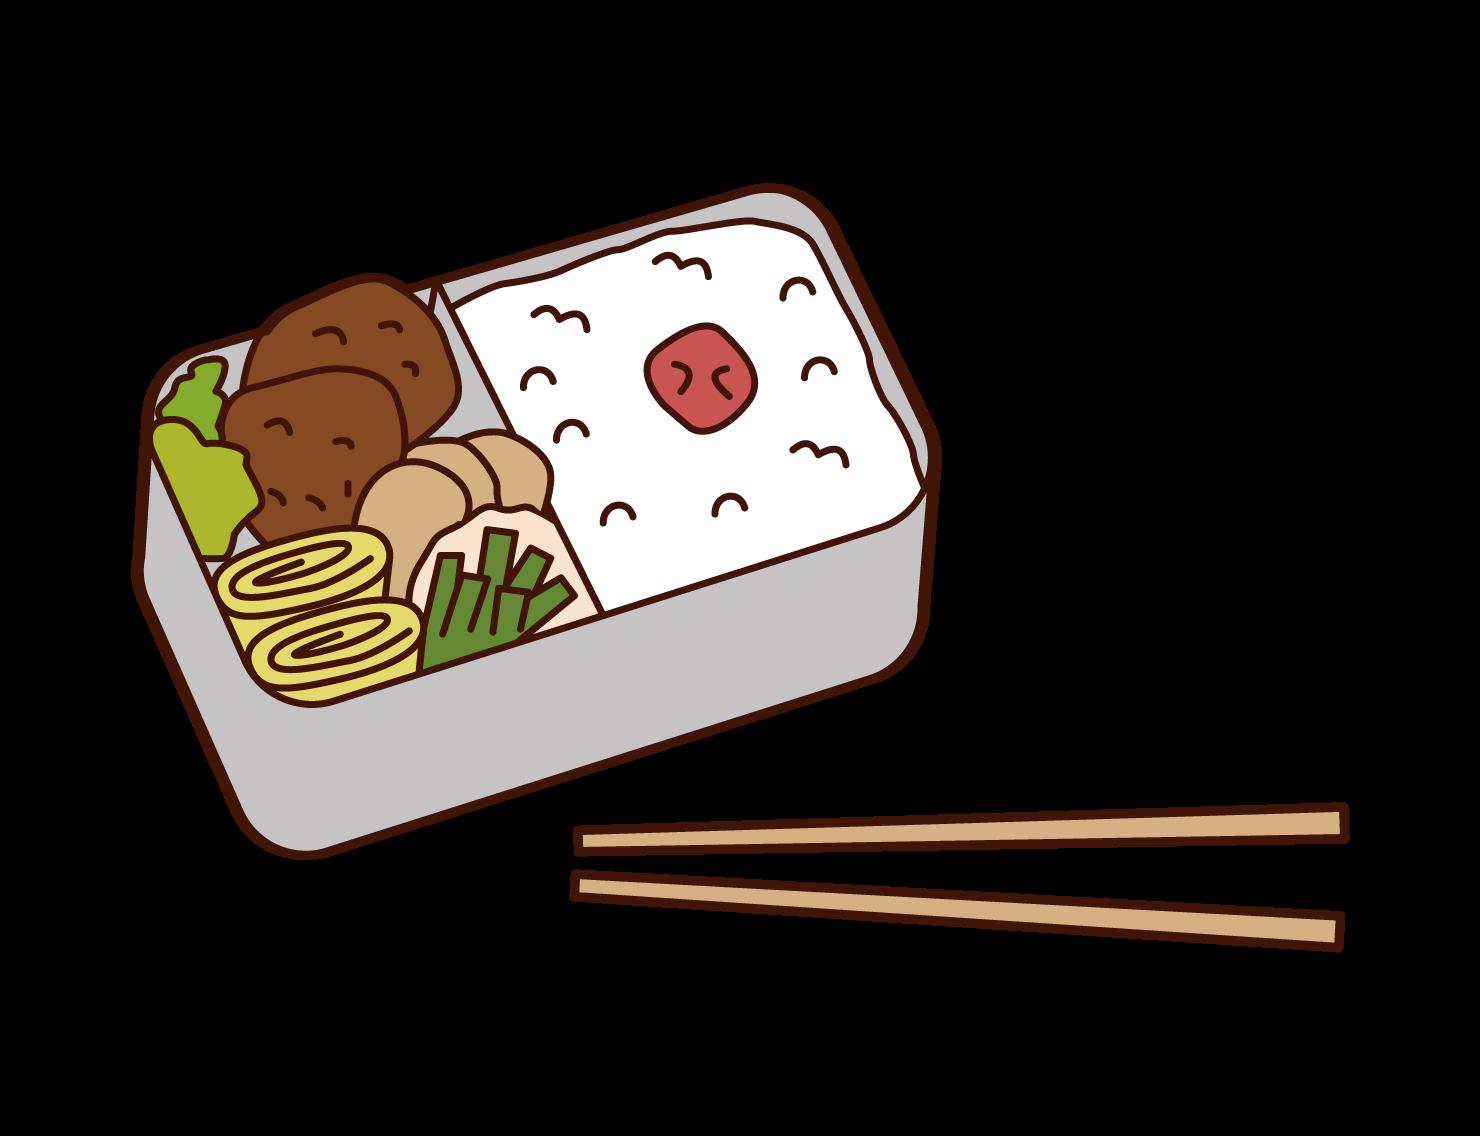 도시락 손그림 그리기 [요리 캐릭터 디자인] : 네이버 포스트